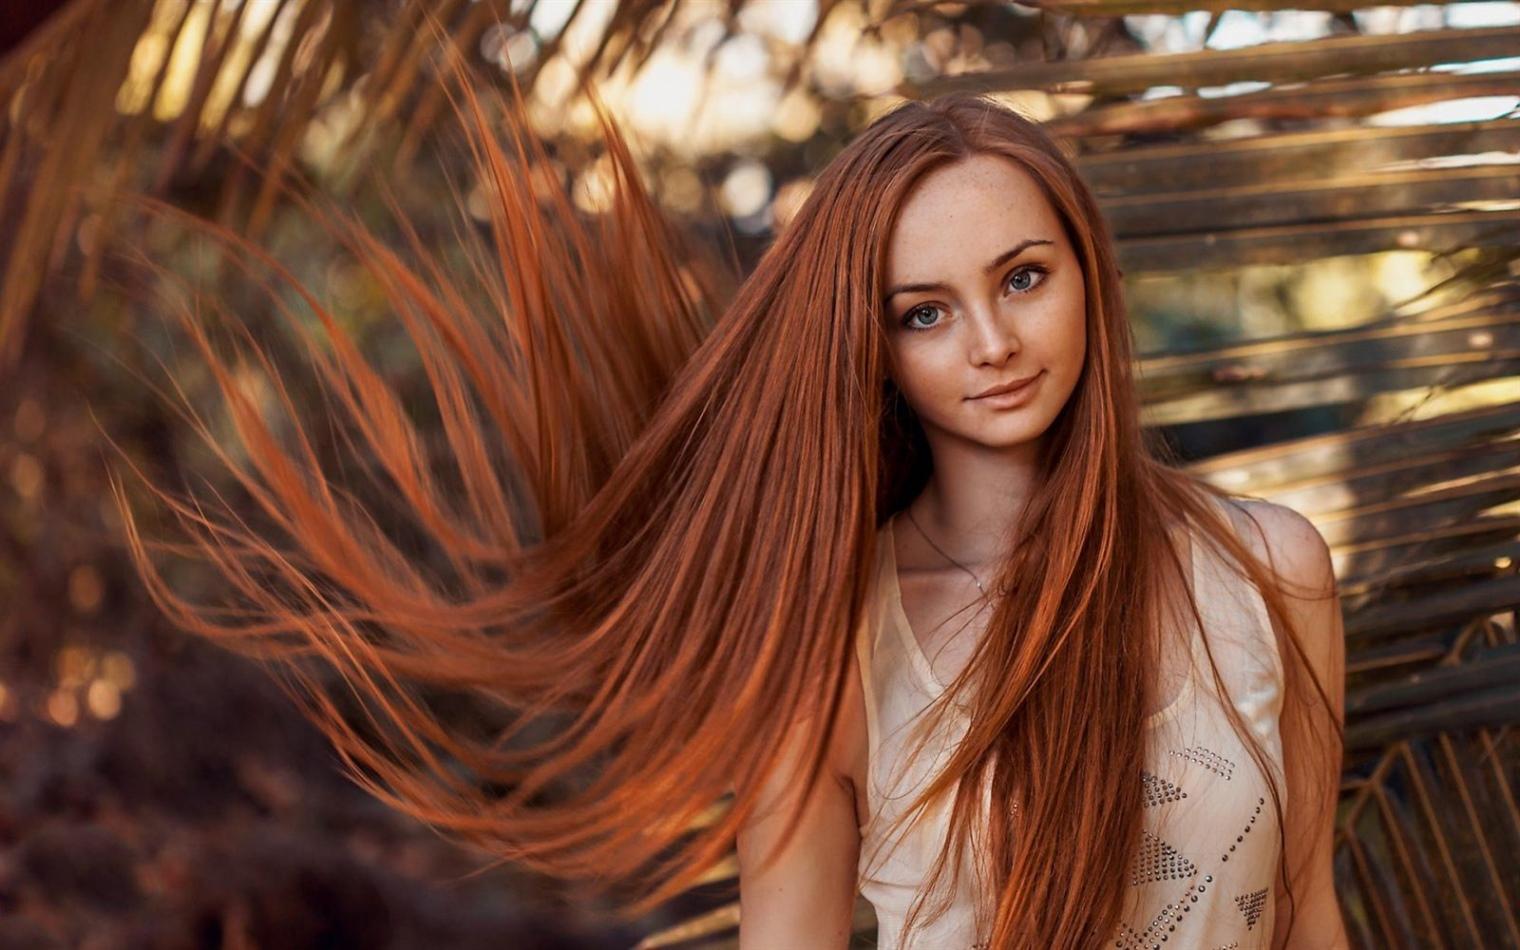 Haarfarben Trends 2020-2021 fur Langes Feines Haar Kupfer - Starke Kupferfarben werden mit helleren Glanzlichtern verwendet. Dieser Effekt erzeugt das Gefühl von frischem und jugendlichem Haar.